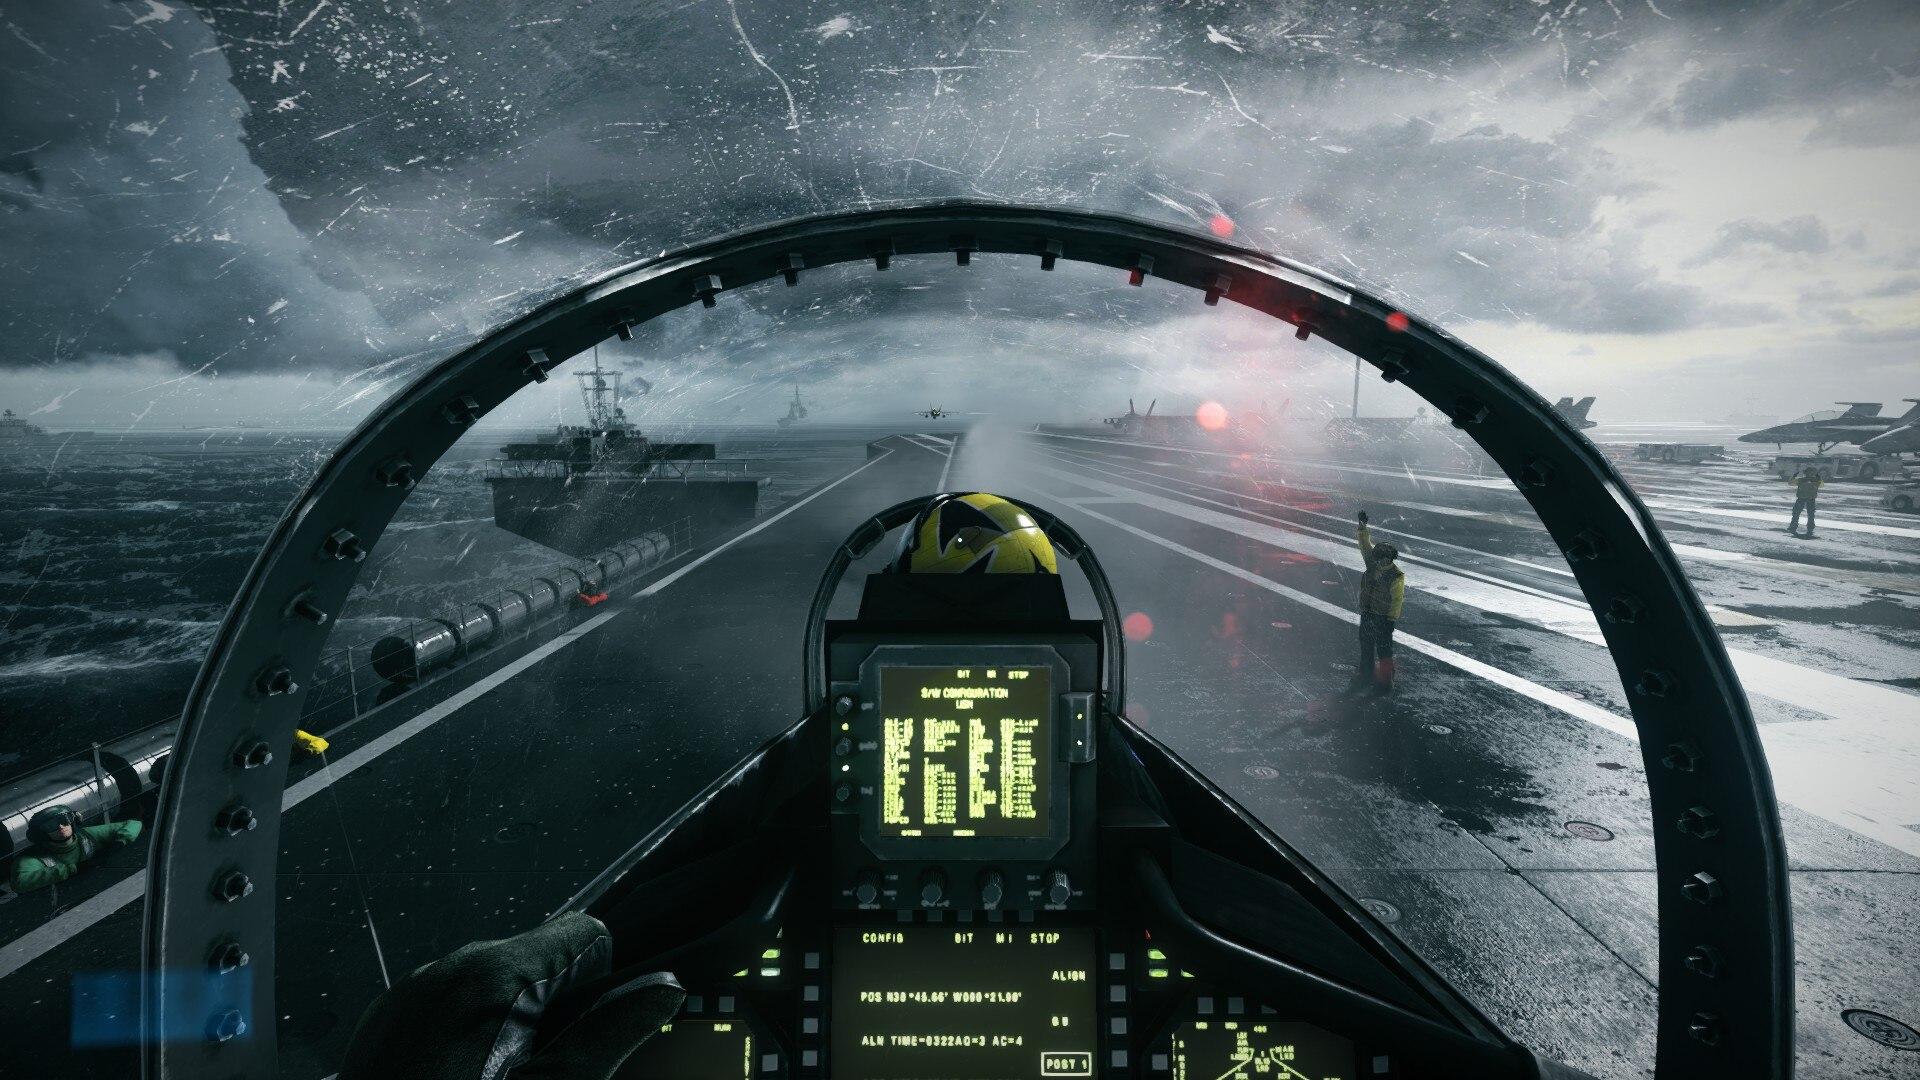 hgfnjtvgf.jpg - Battlefield 3